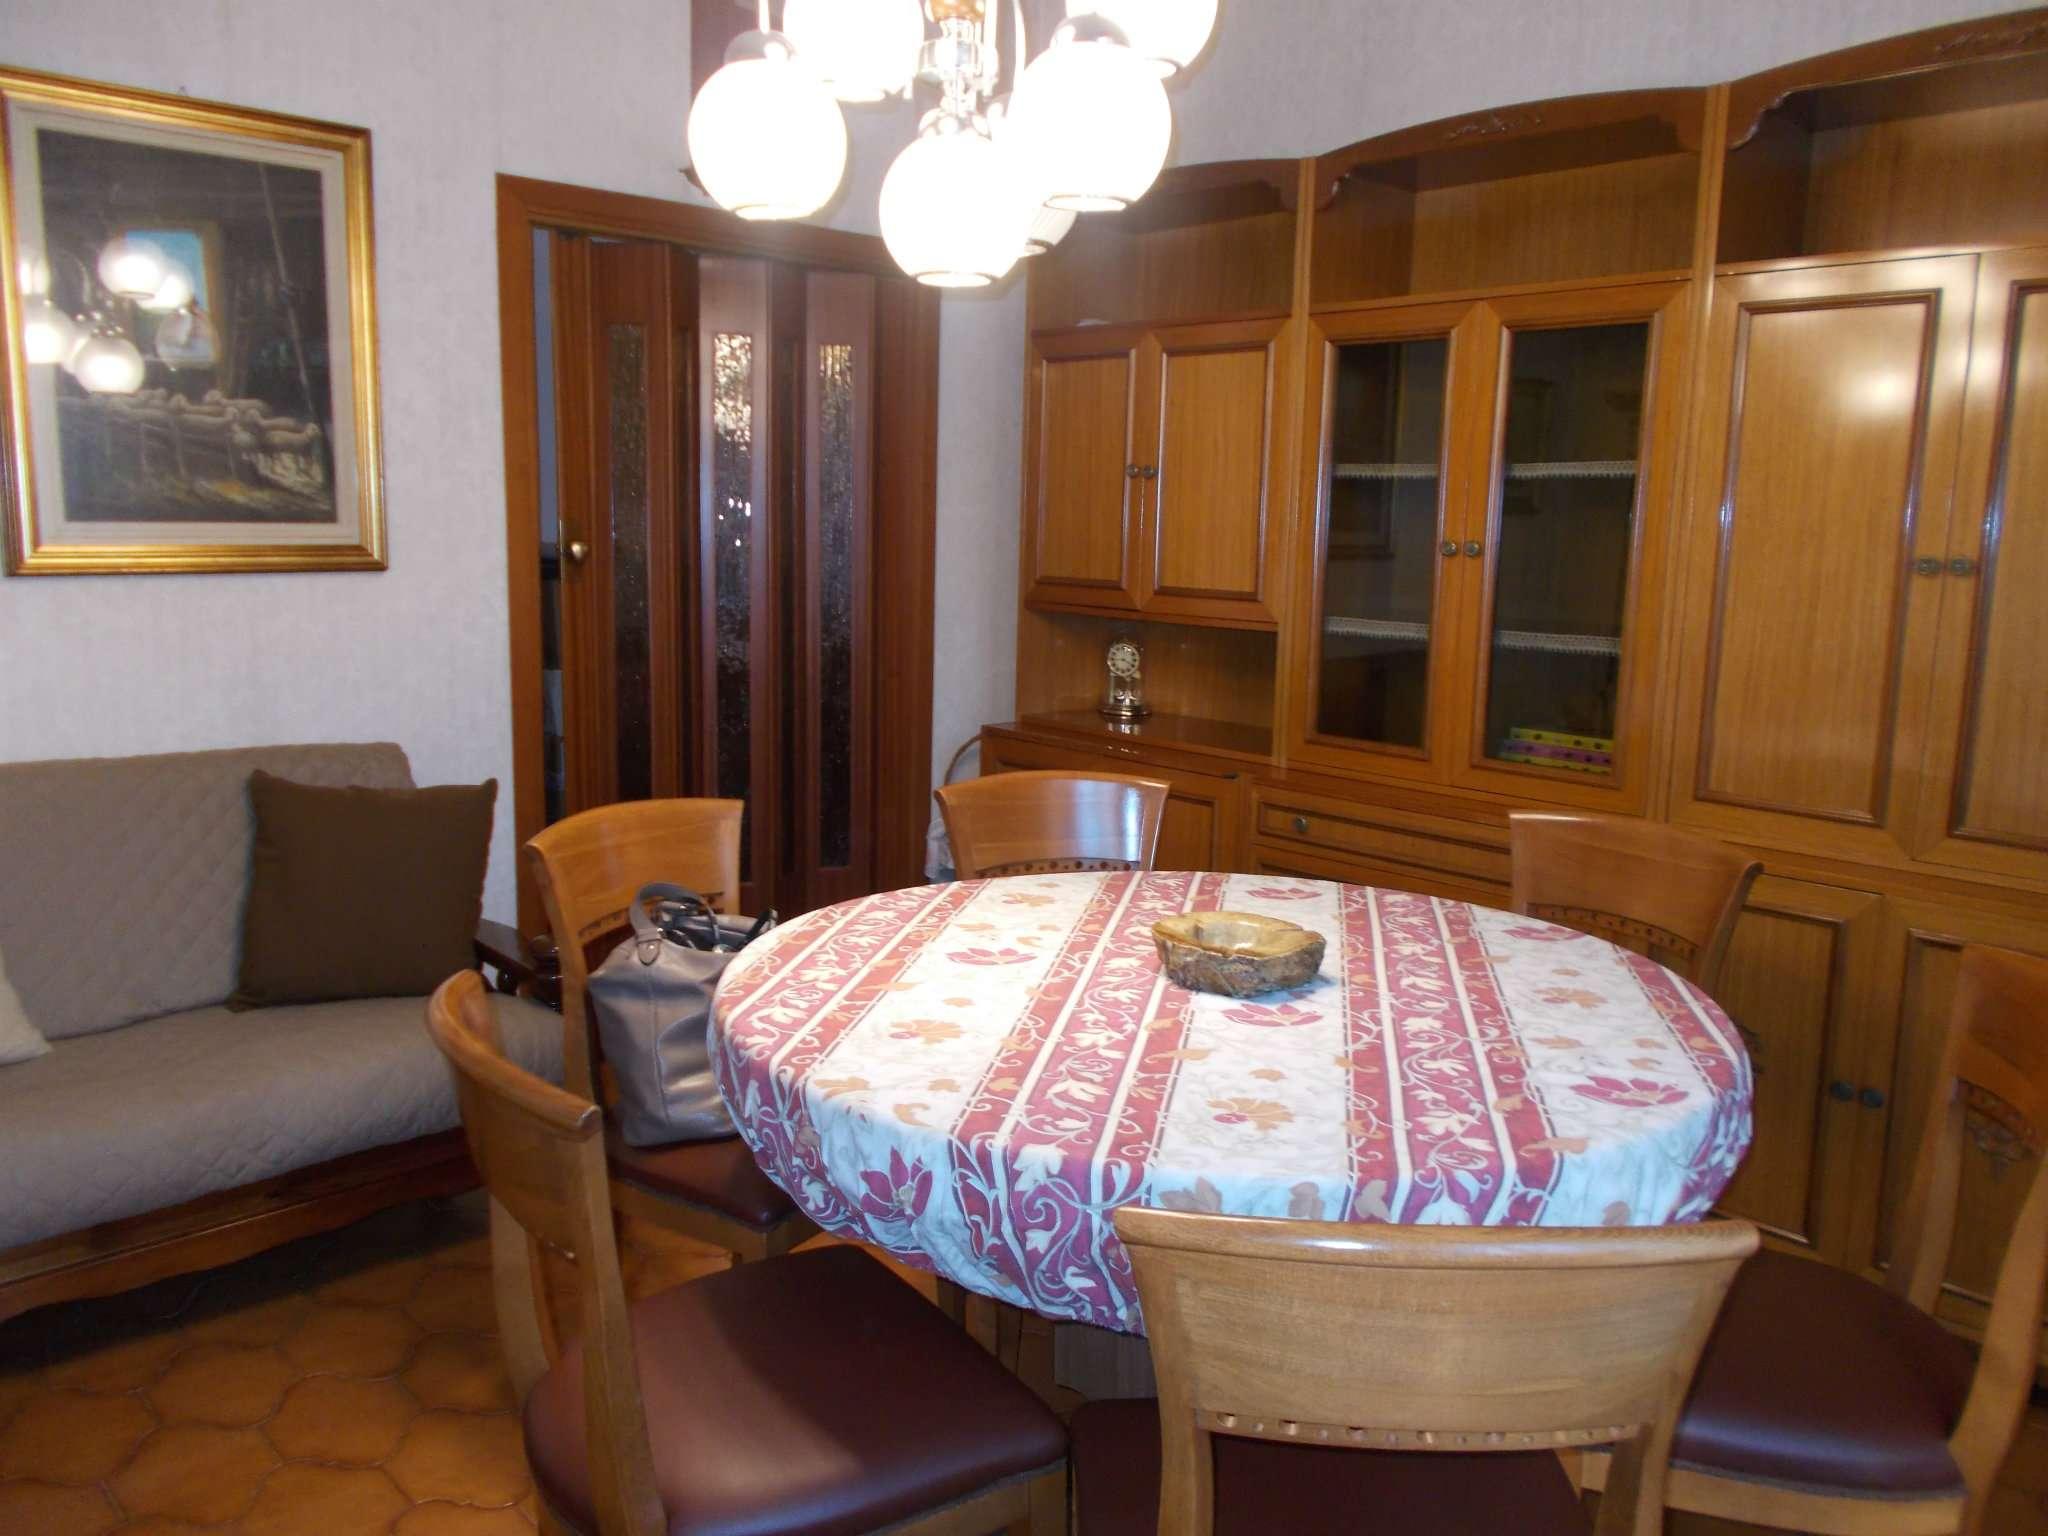 Appartamento in vendita a Cavenago di Brianza, 3 locali, prezzo € 70.000 | CambioCasa.it